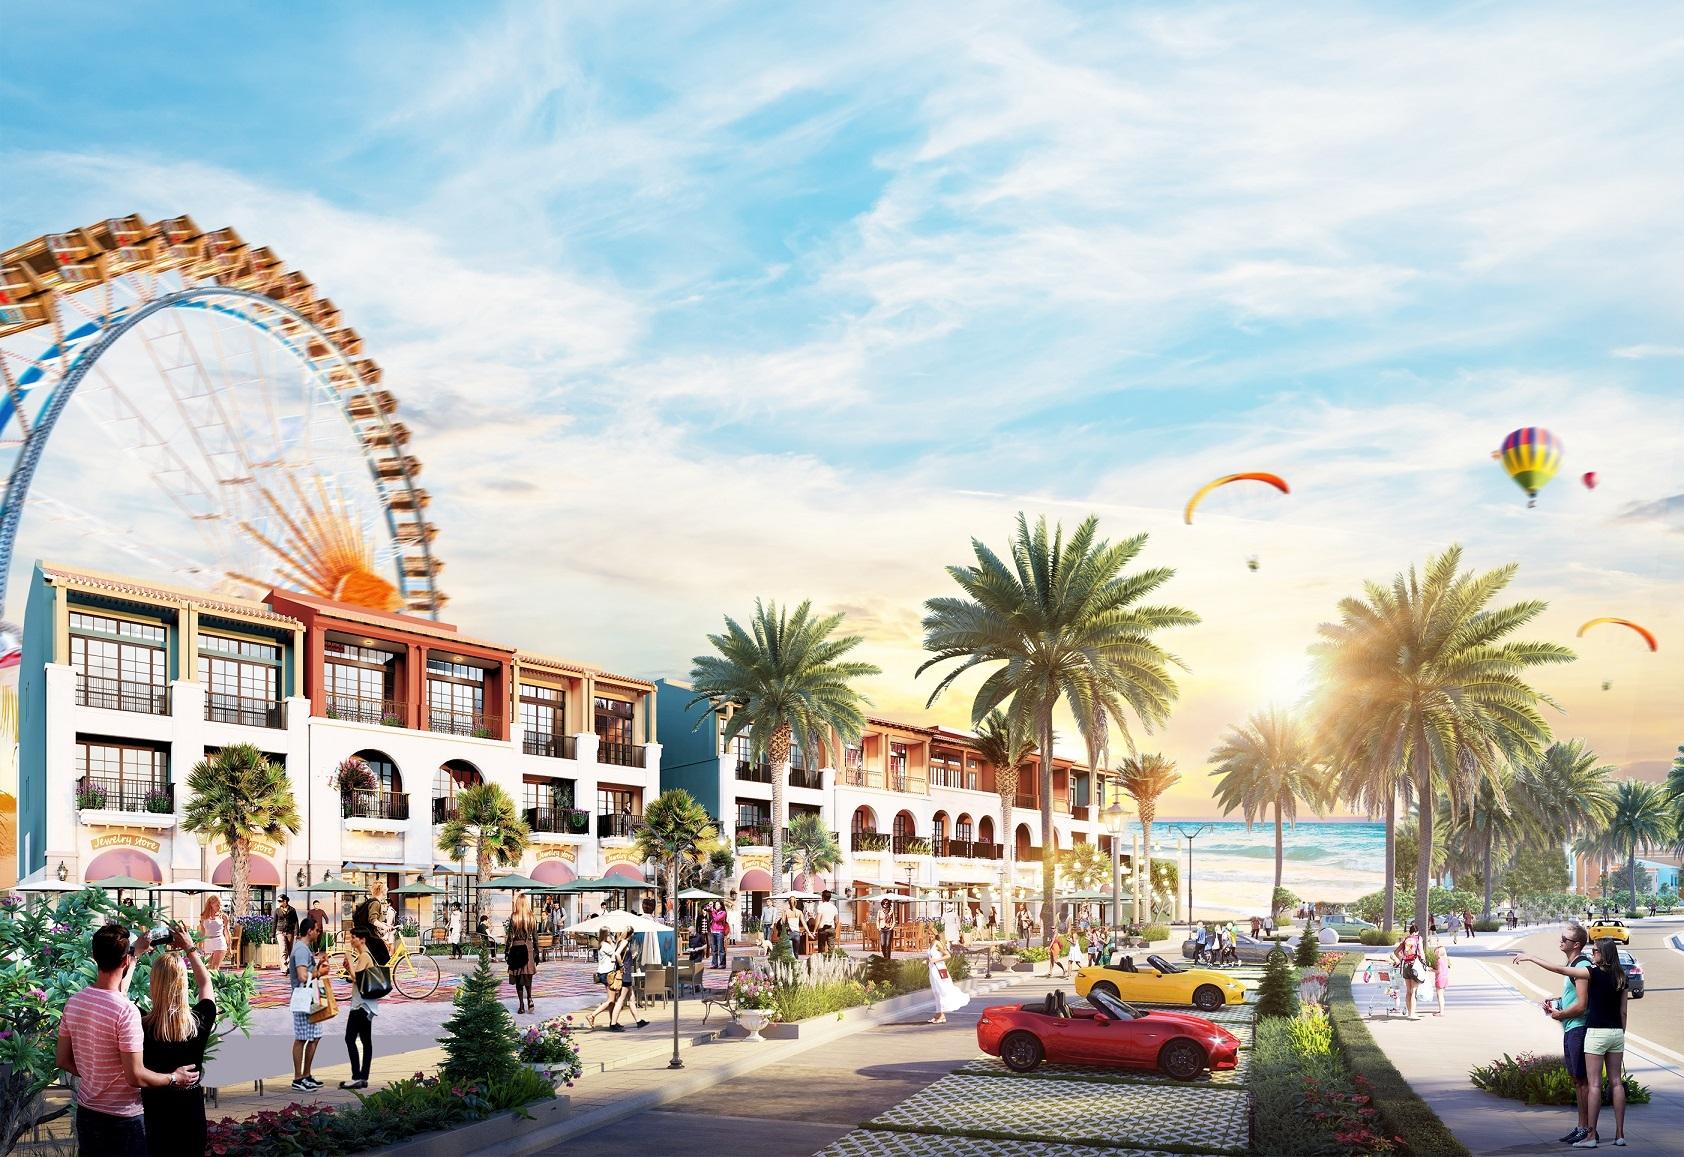 Tuyến phố thương mại shophouse biển – phố đi bộ sầm uất lần đầu tiên xuất hiện toàn thành phố biển Phan Thiết